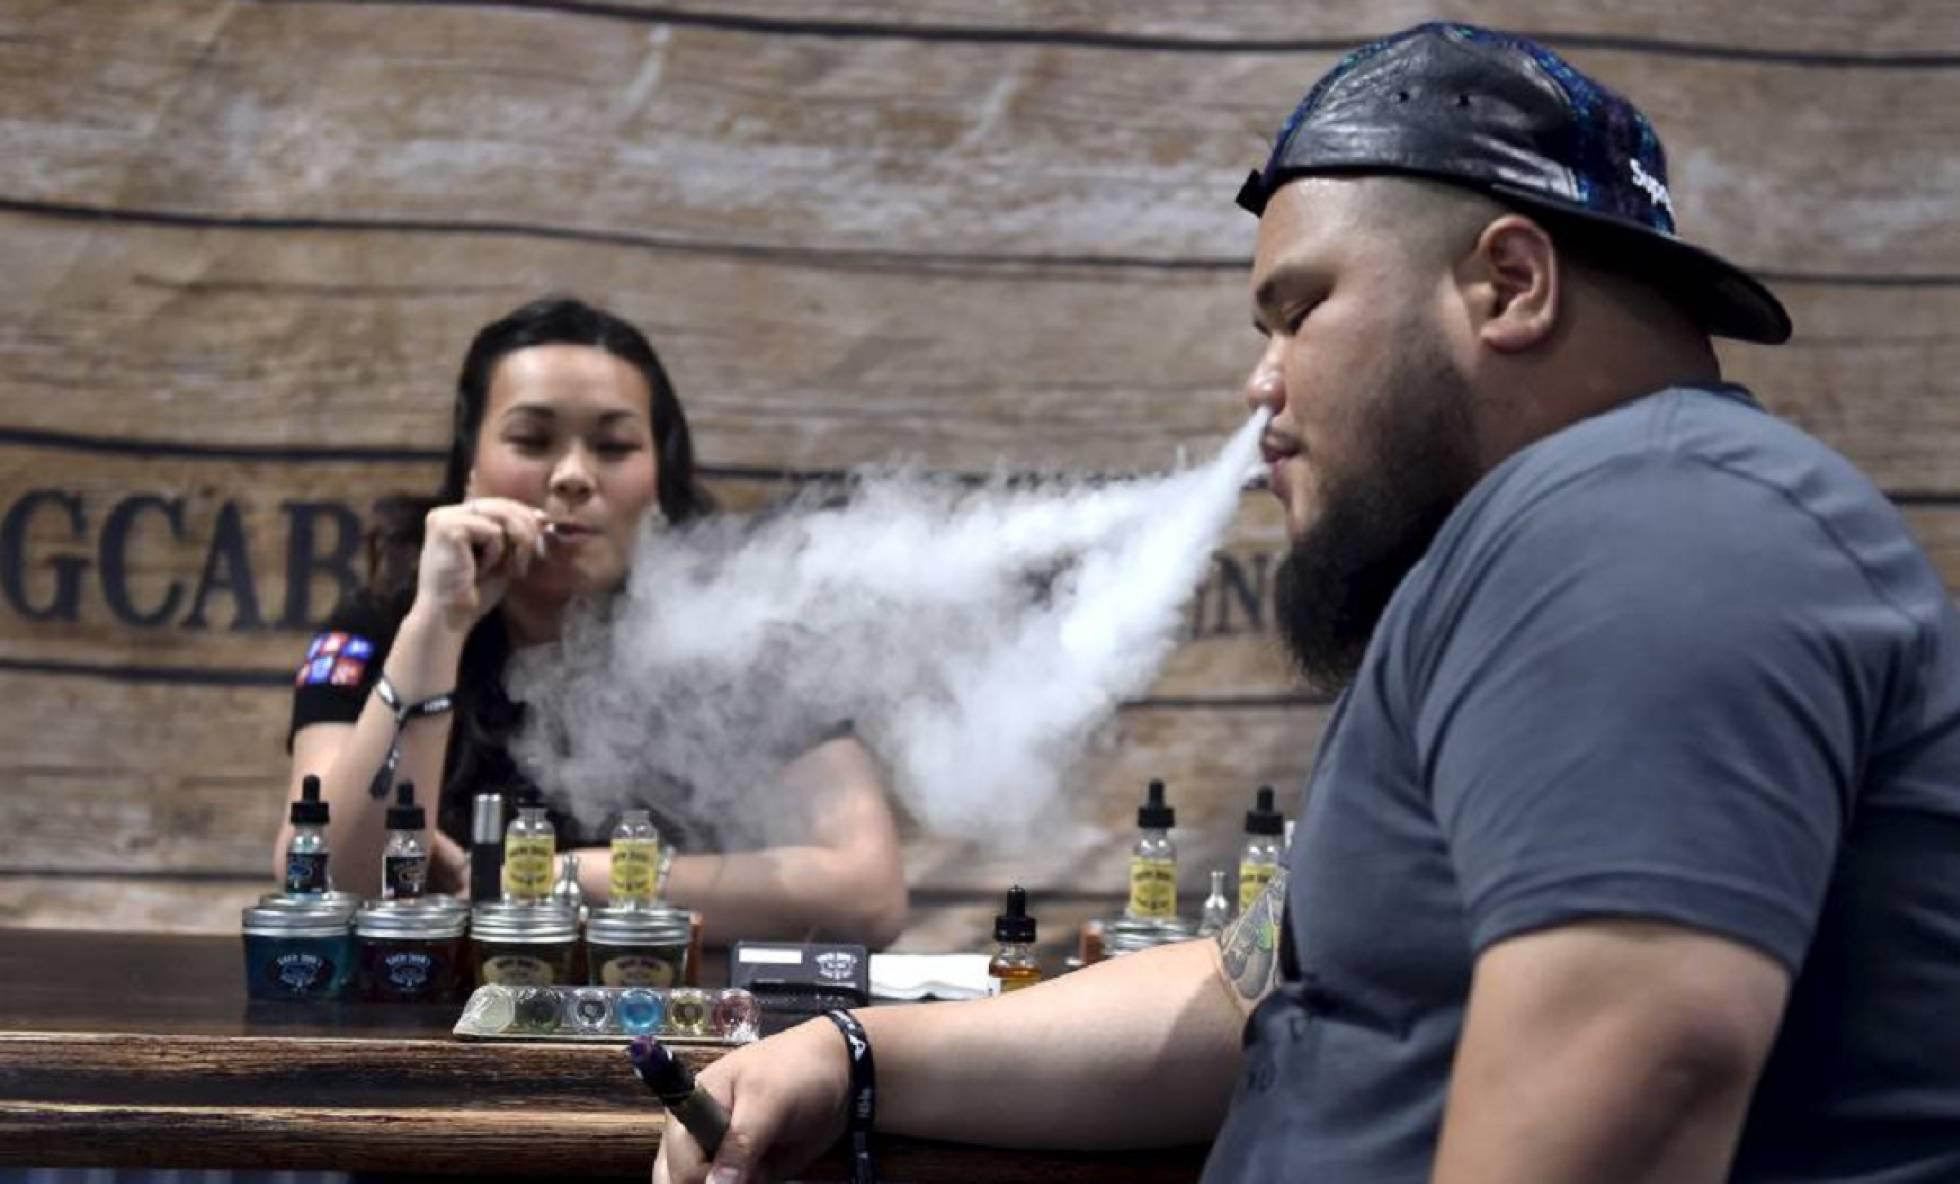 Estados Unidos prohíbe los cigarrillos electrónicos de sabores